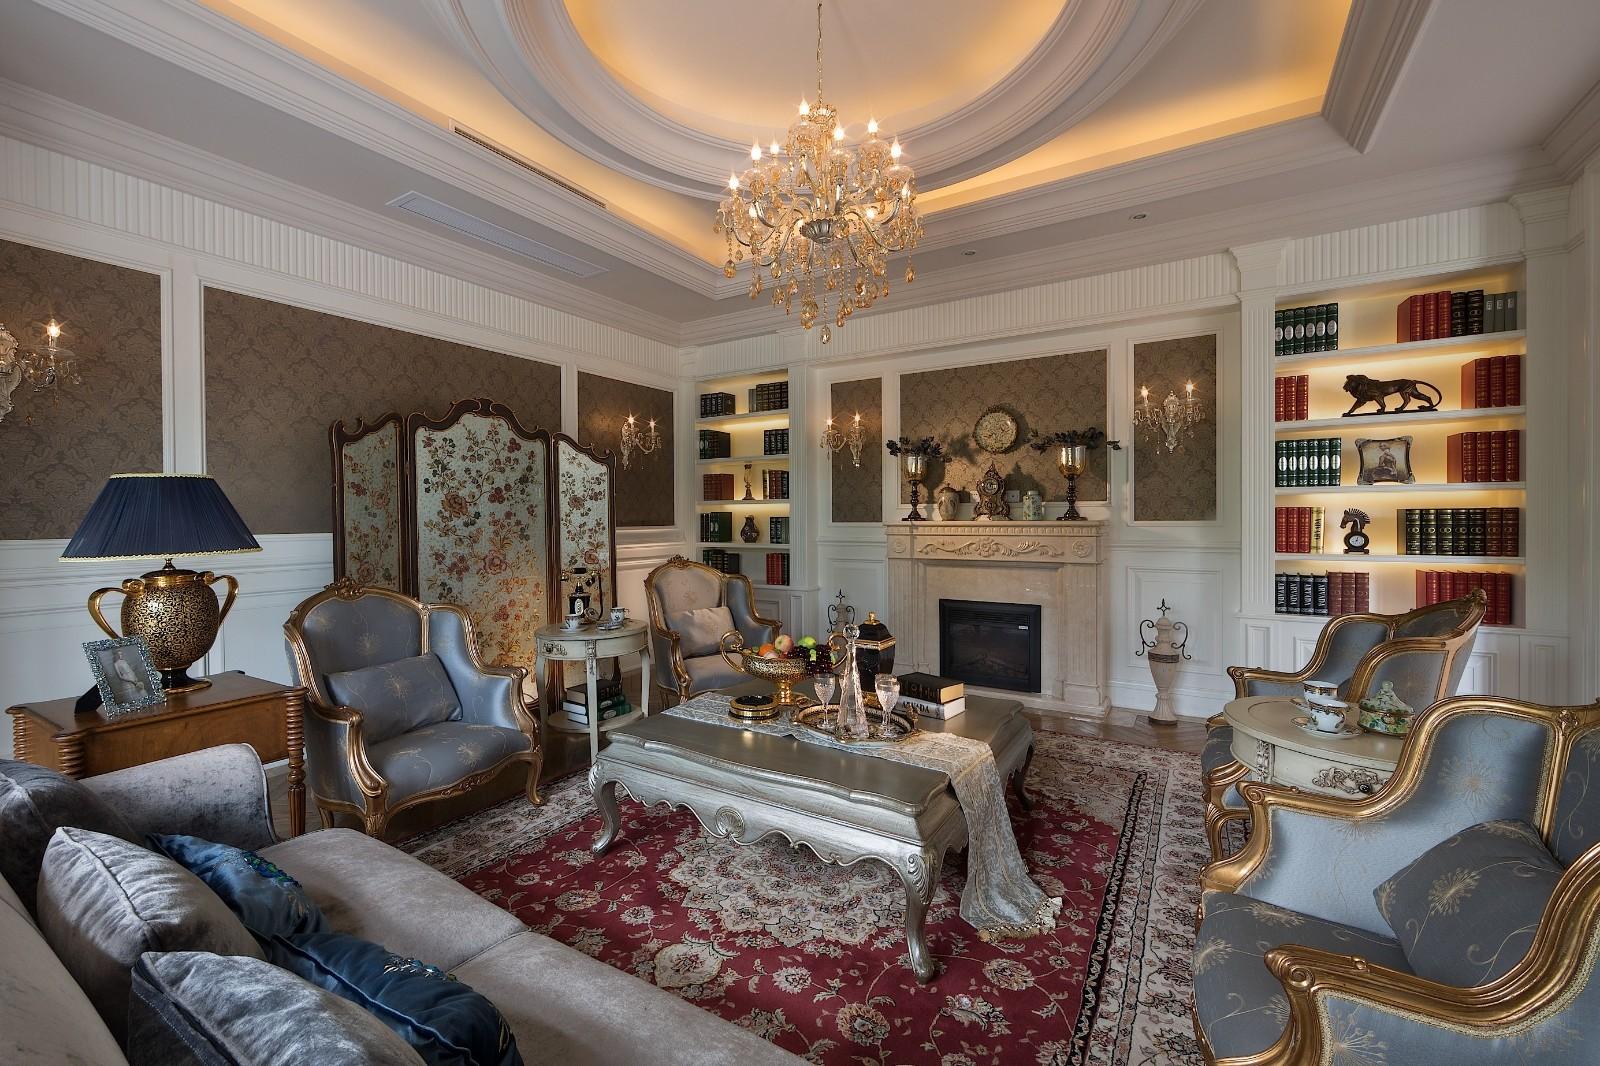 欧式风格别墅客厅装修设计效果图